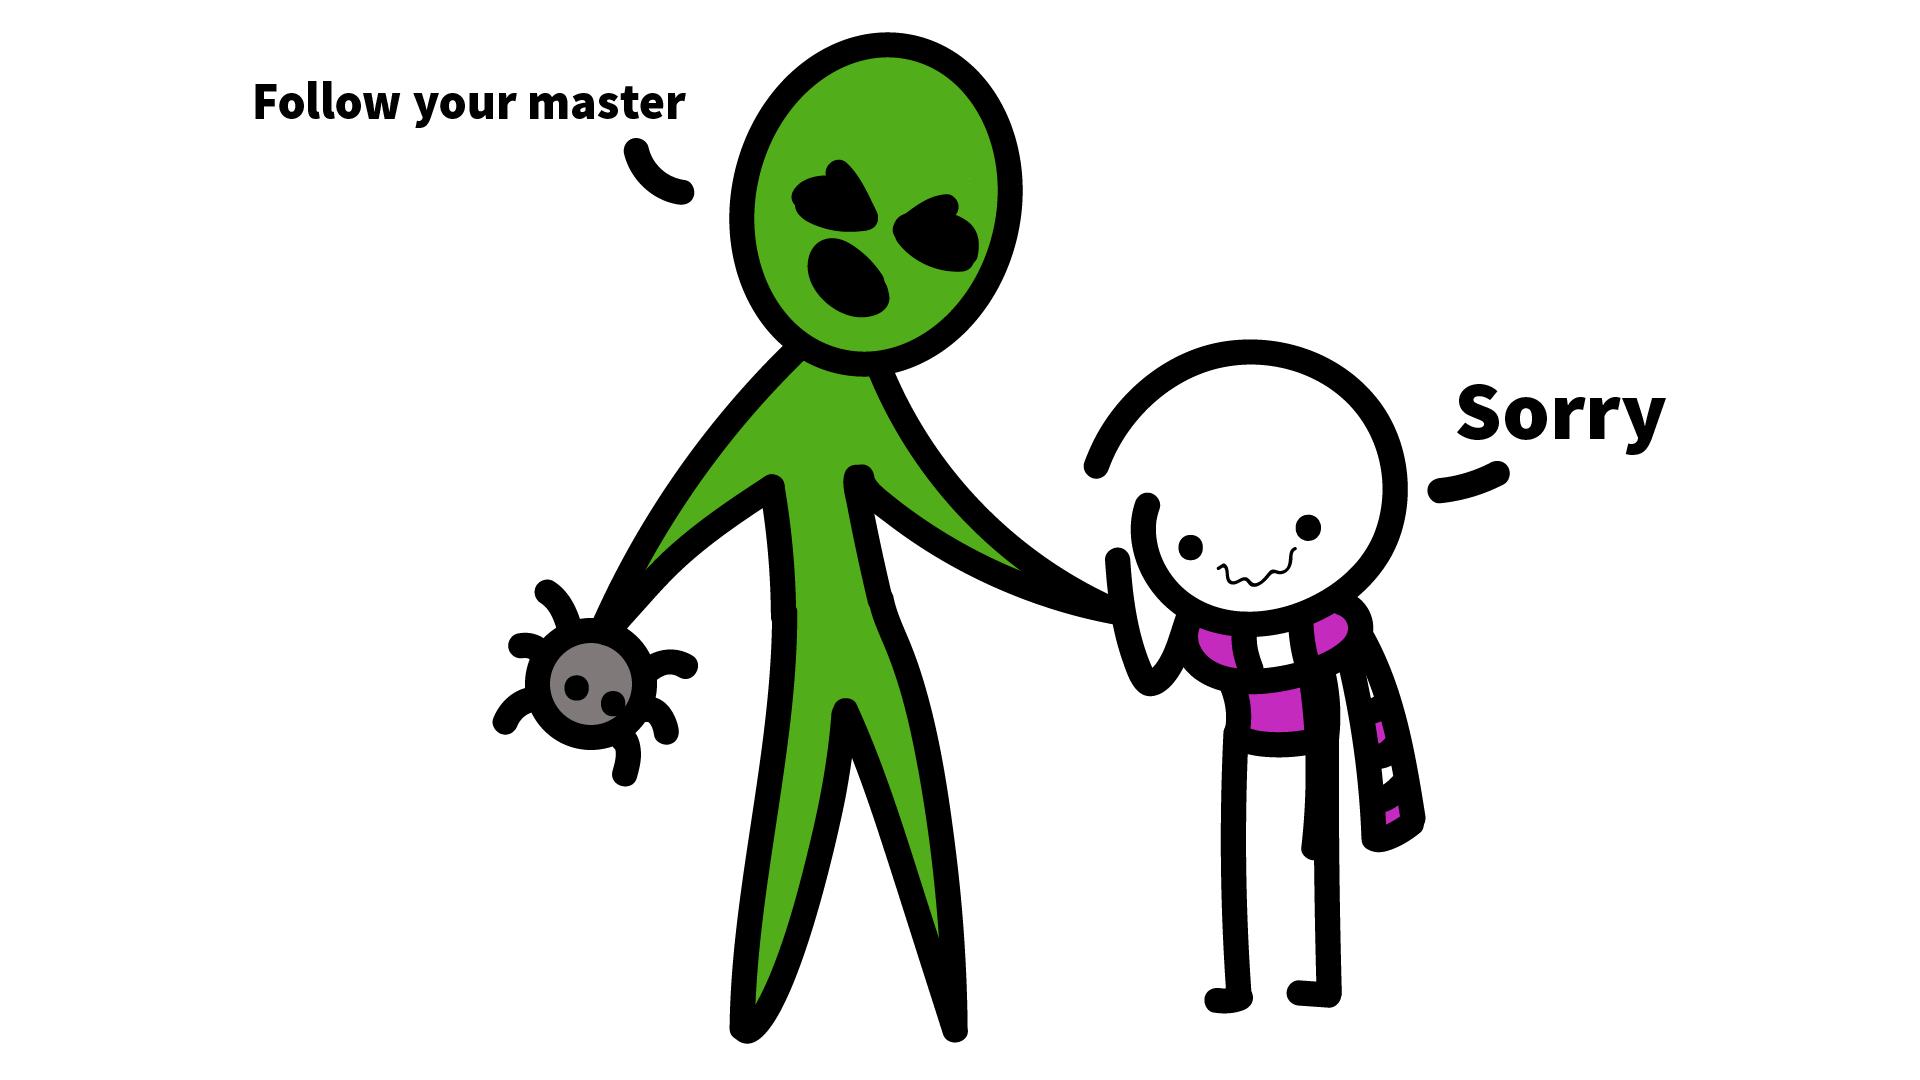 I need to follow master